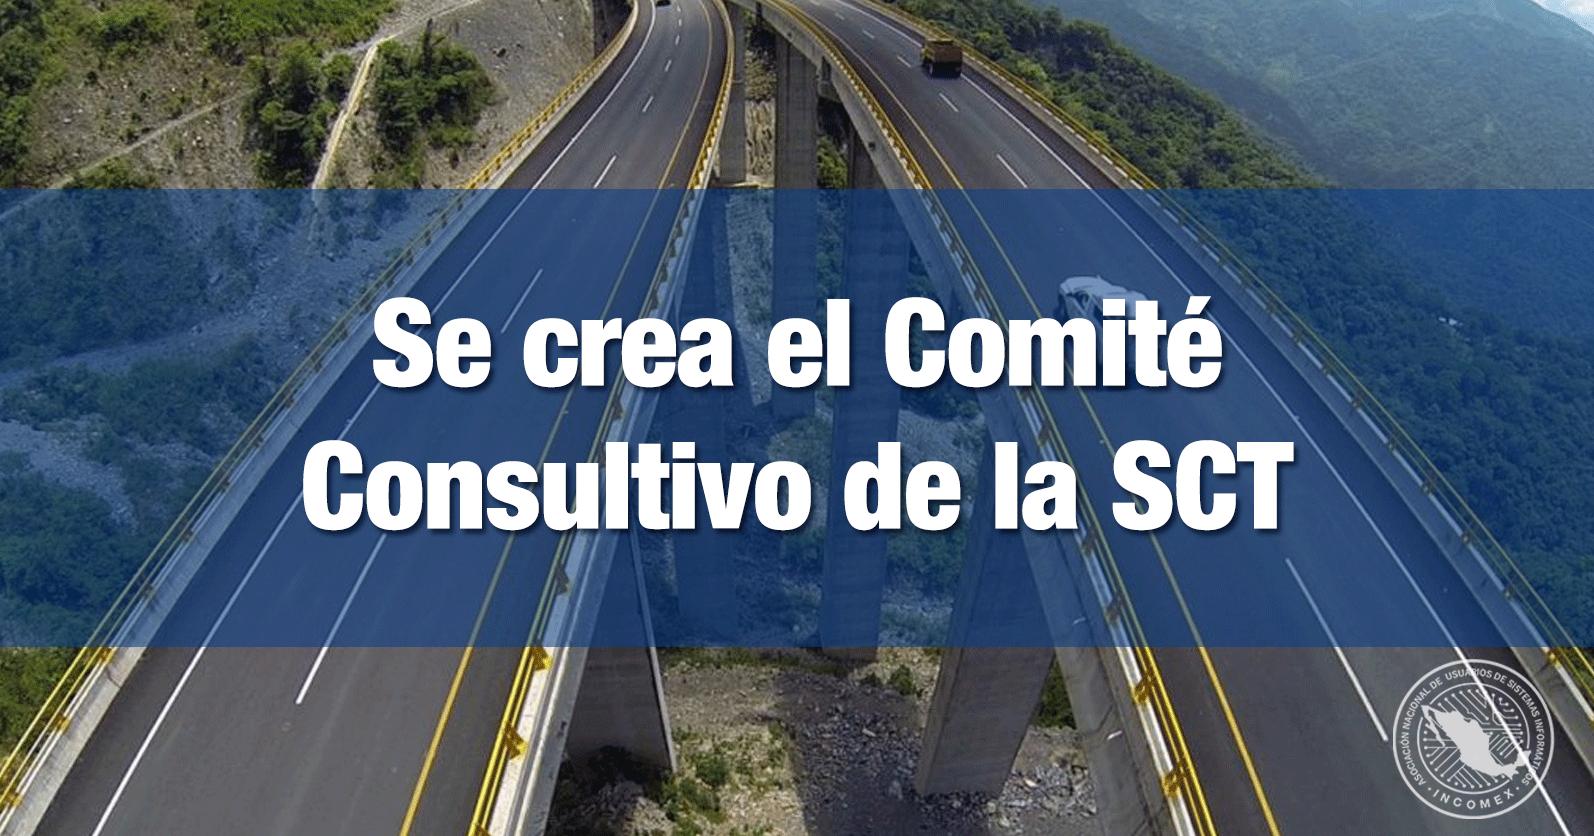 Se crea el Comité Consultivo de la SCT